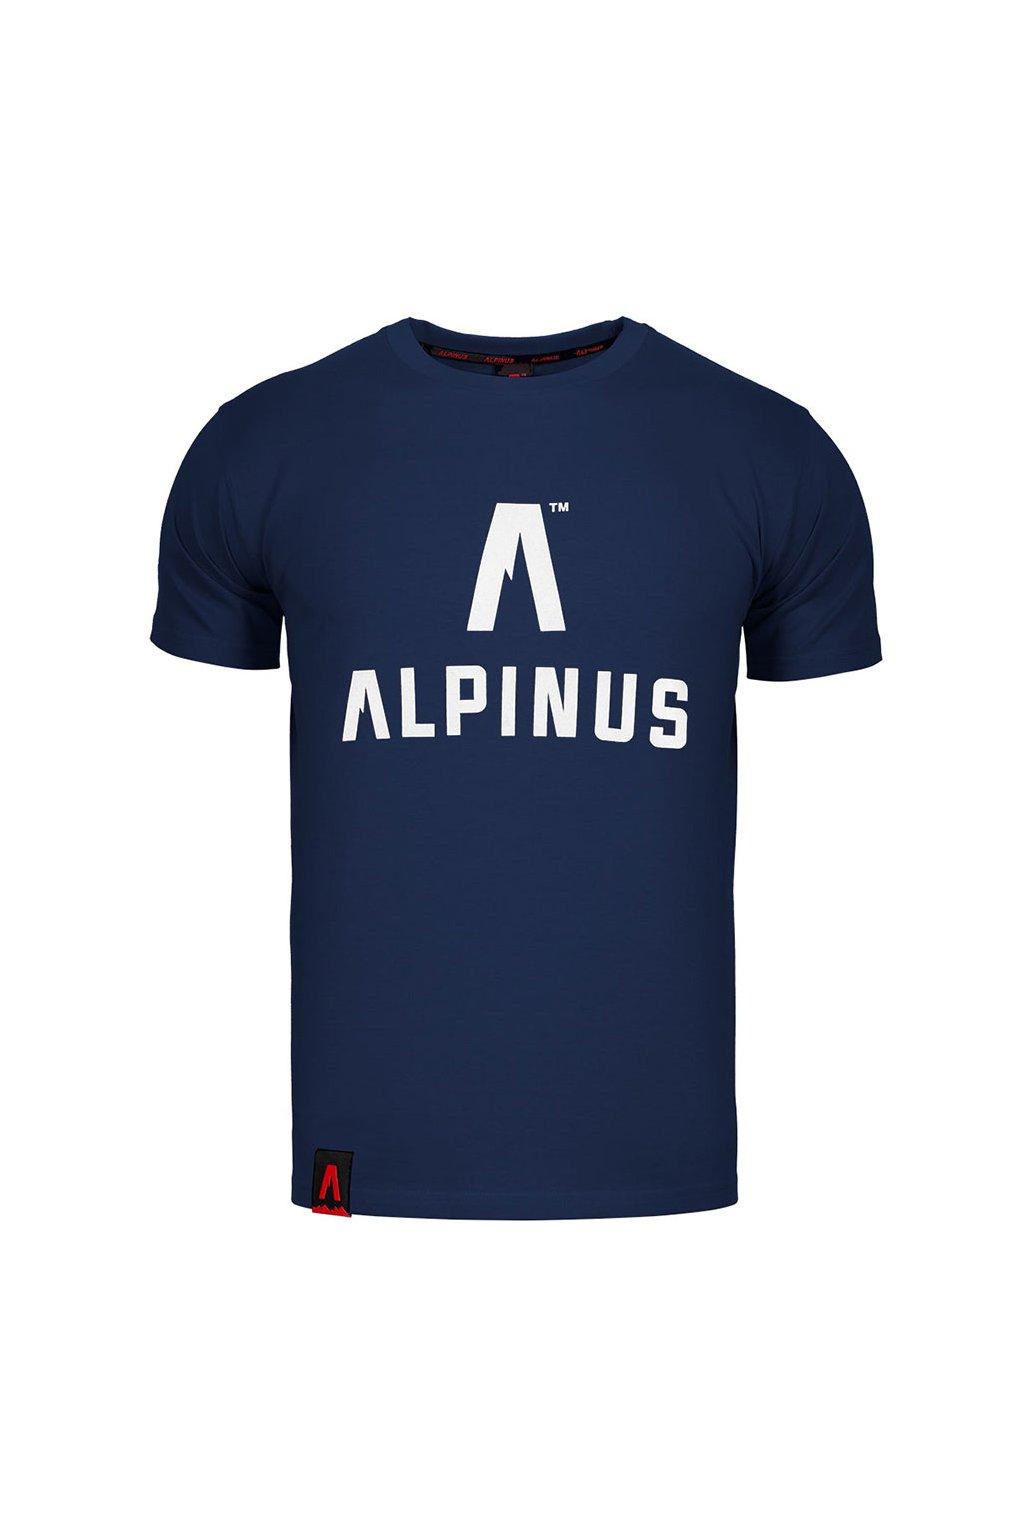 Pánske tričko Alpinus Classic tmavo modré ALP20TC0008